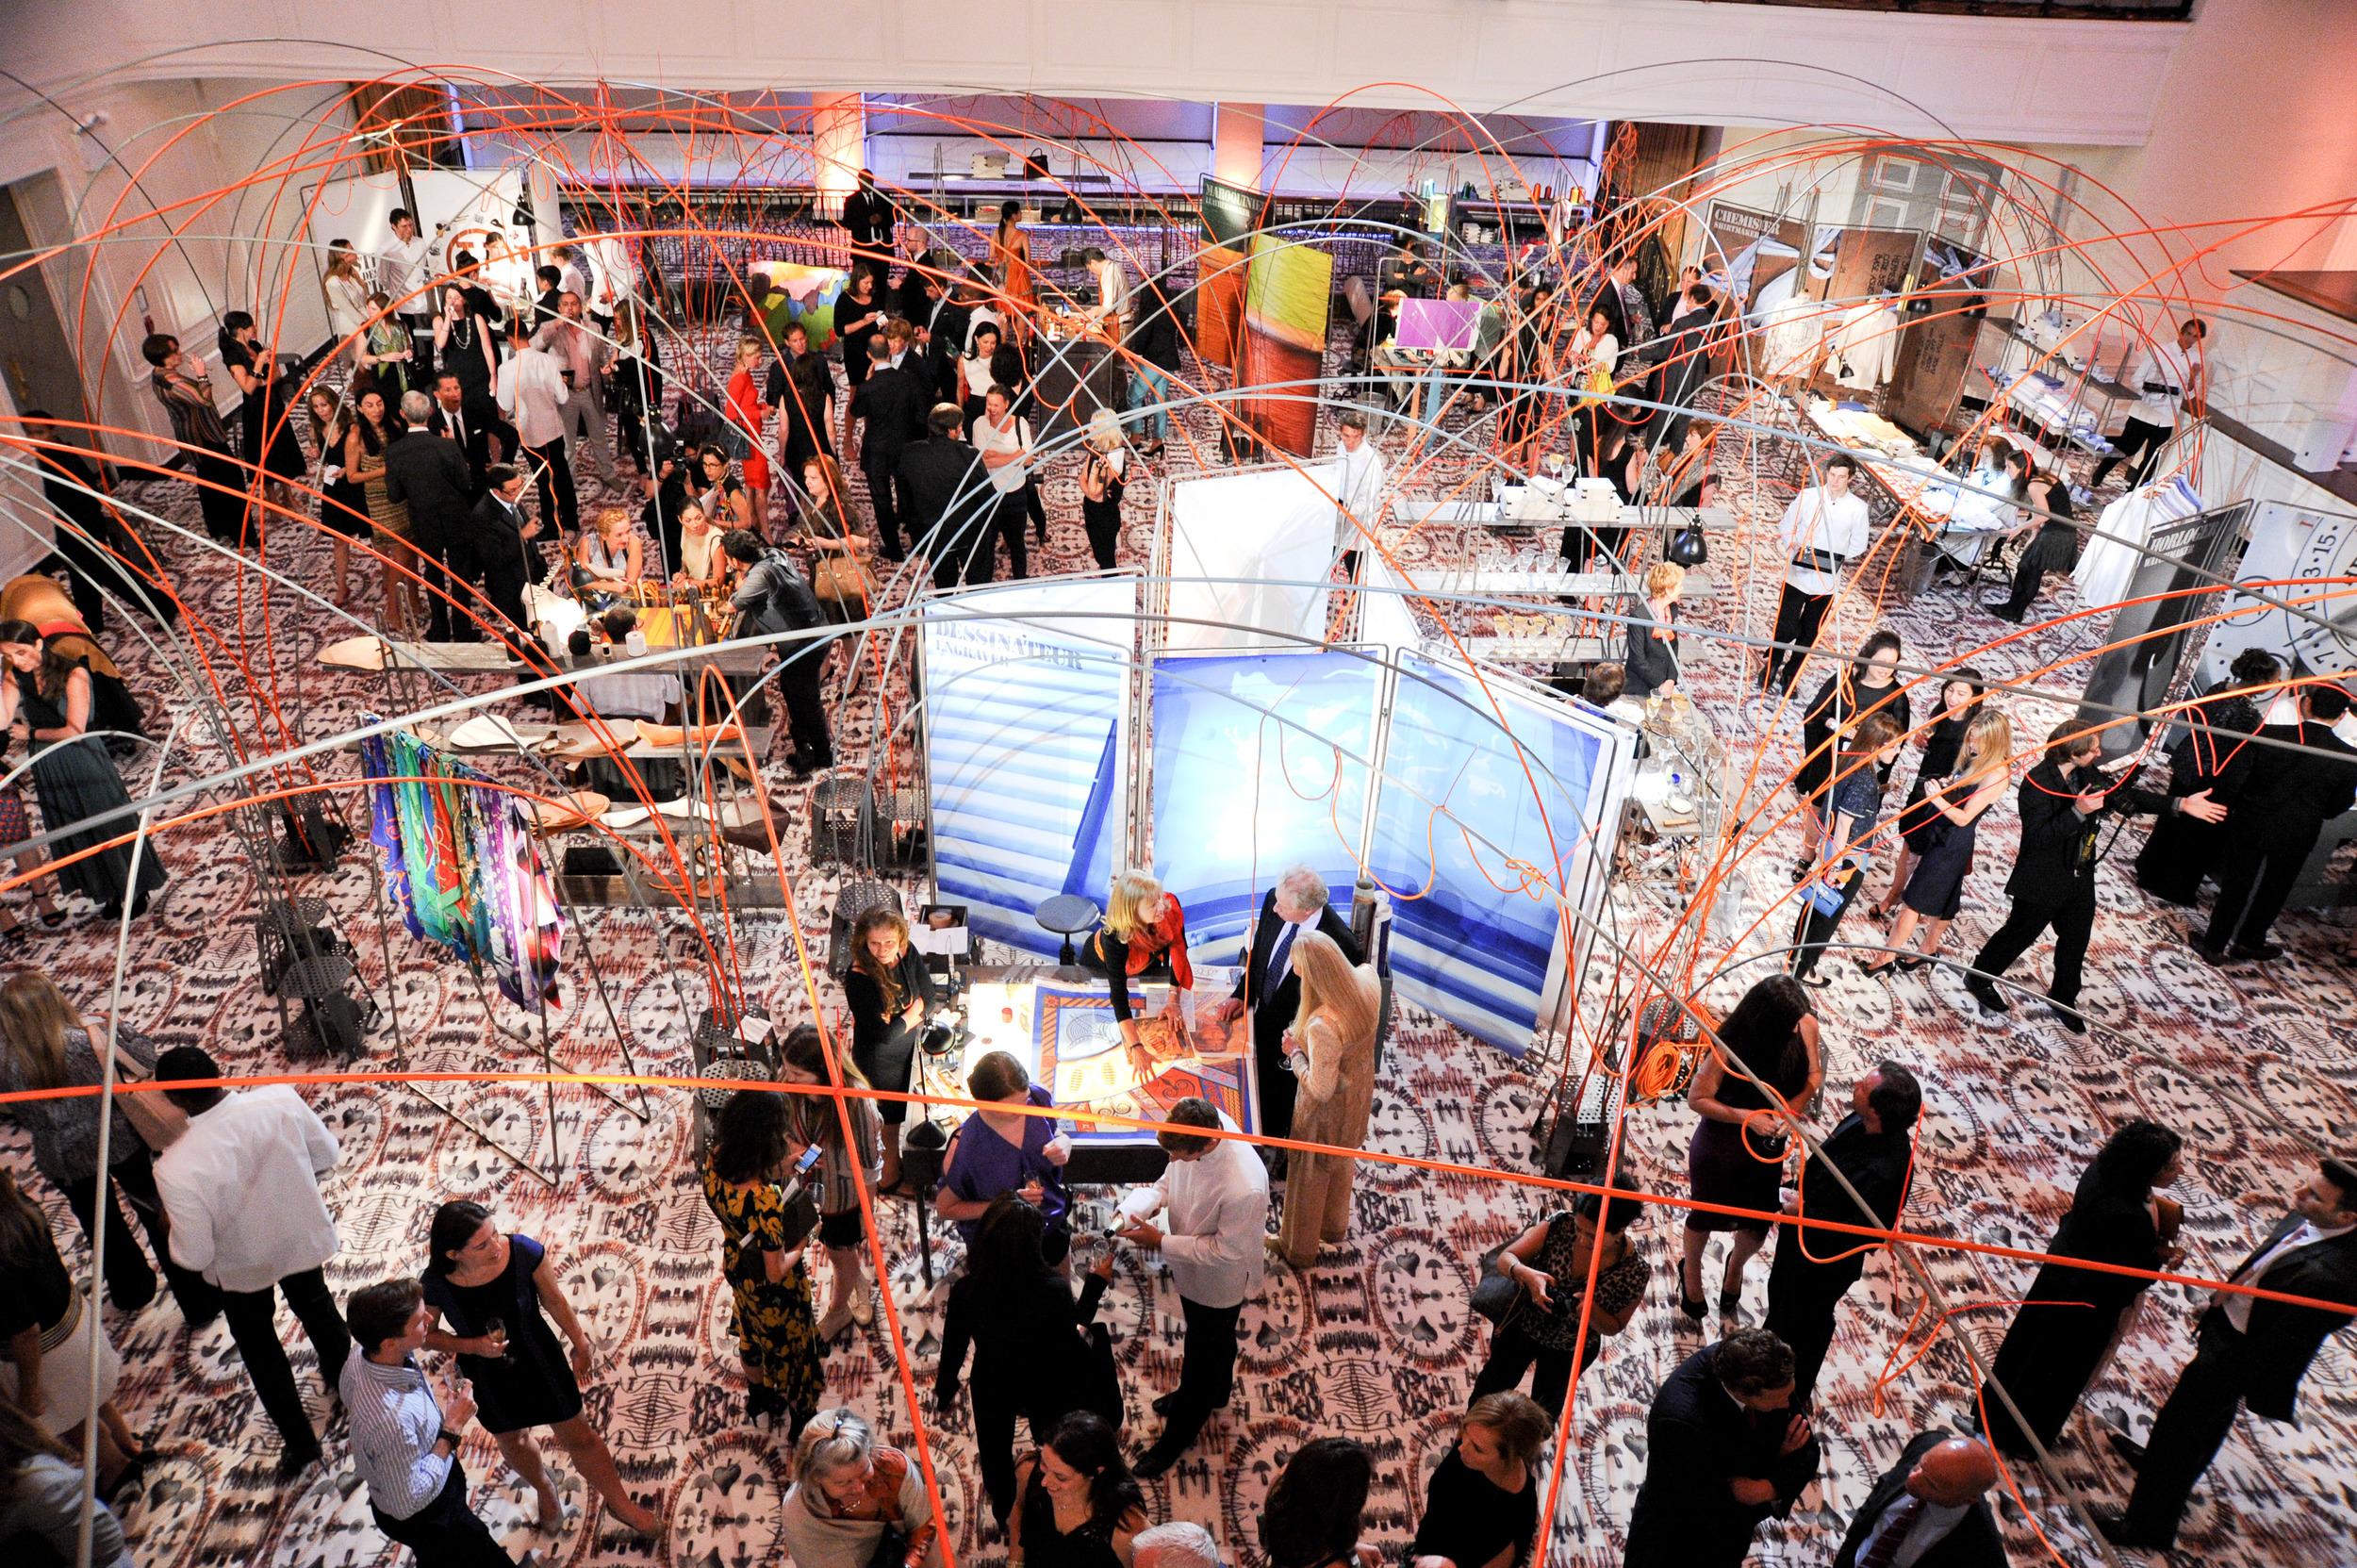 Hermes Festival of Crafts